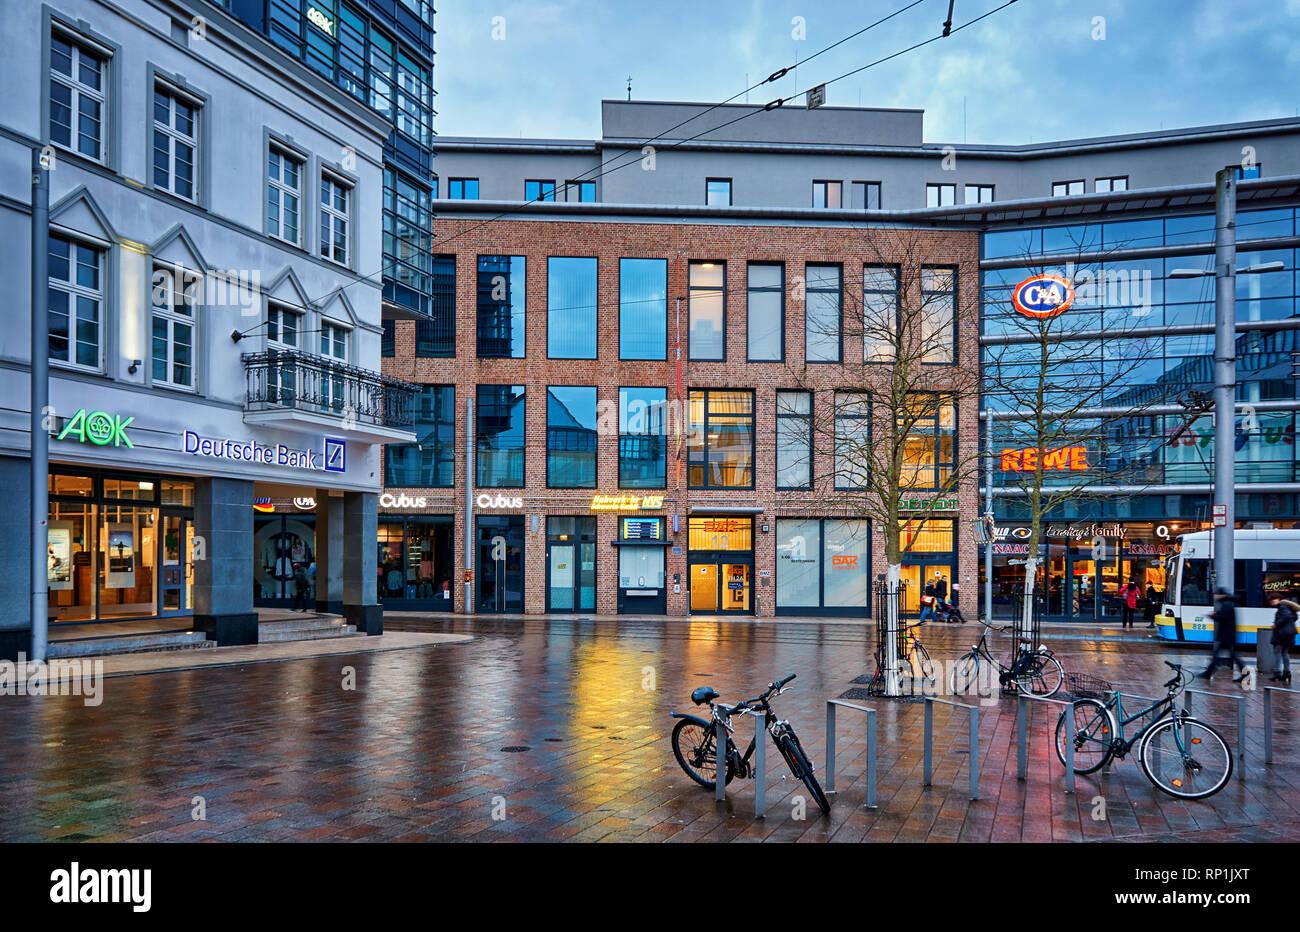 Deutsche Bank Rasselsheim